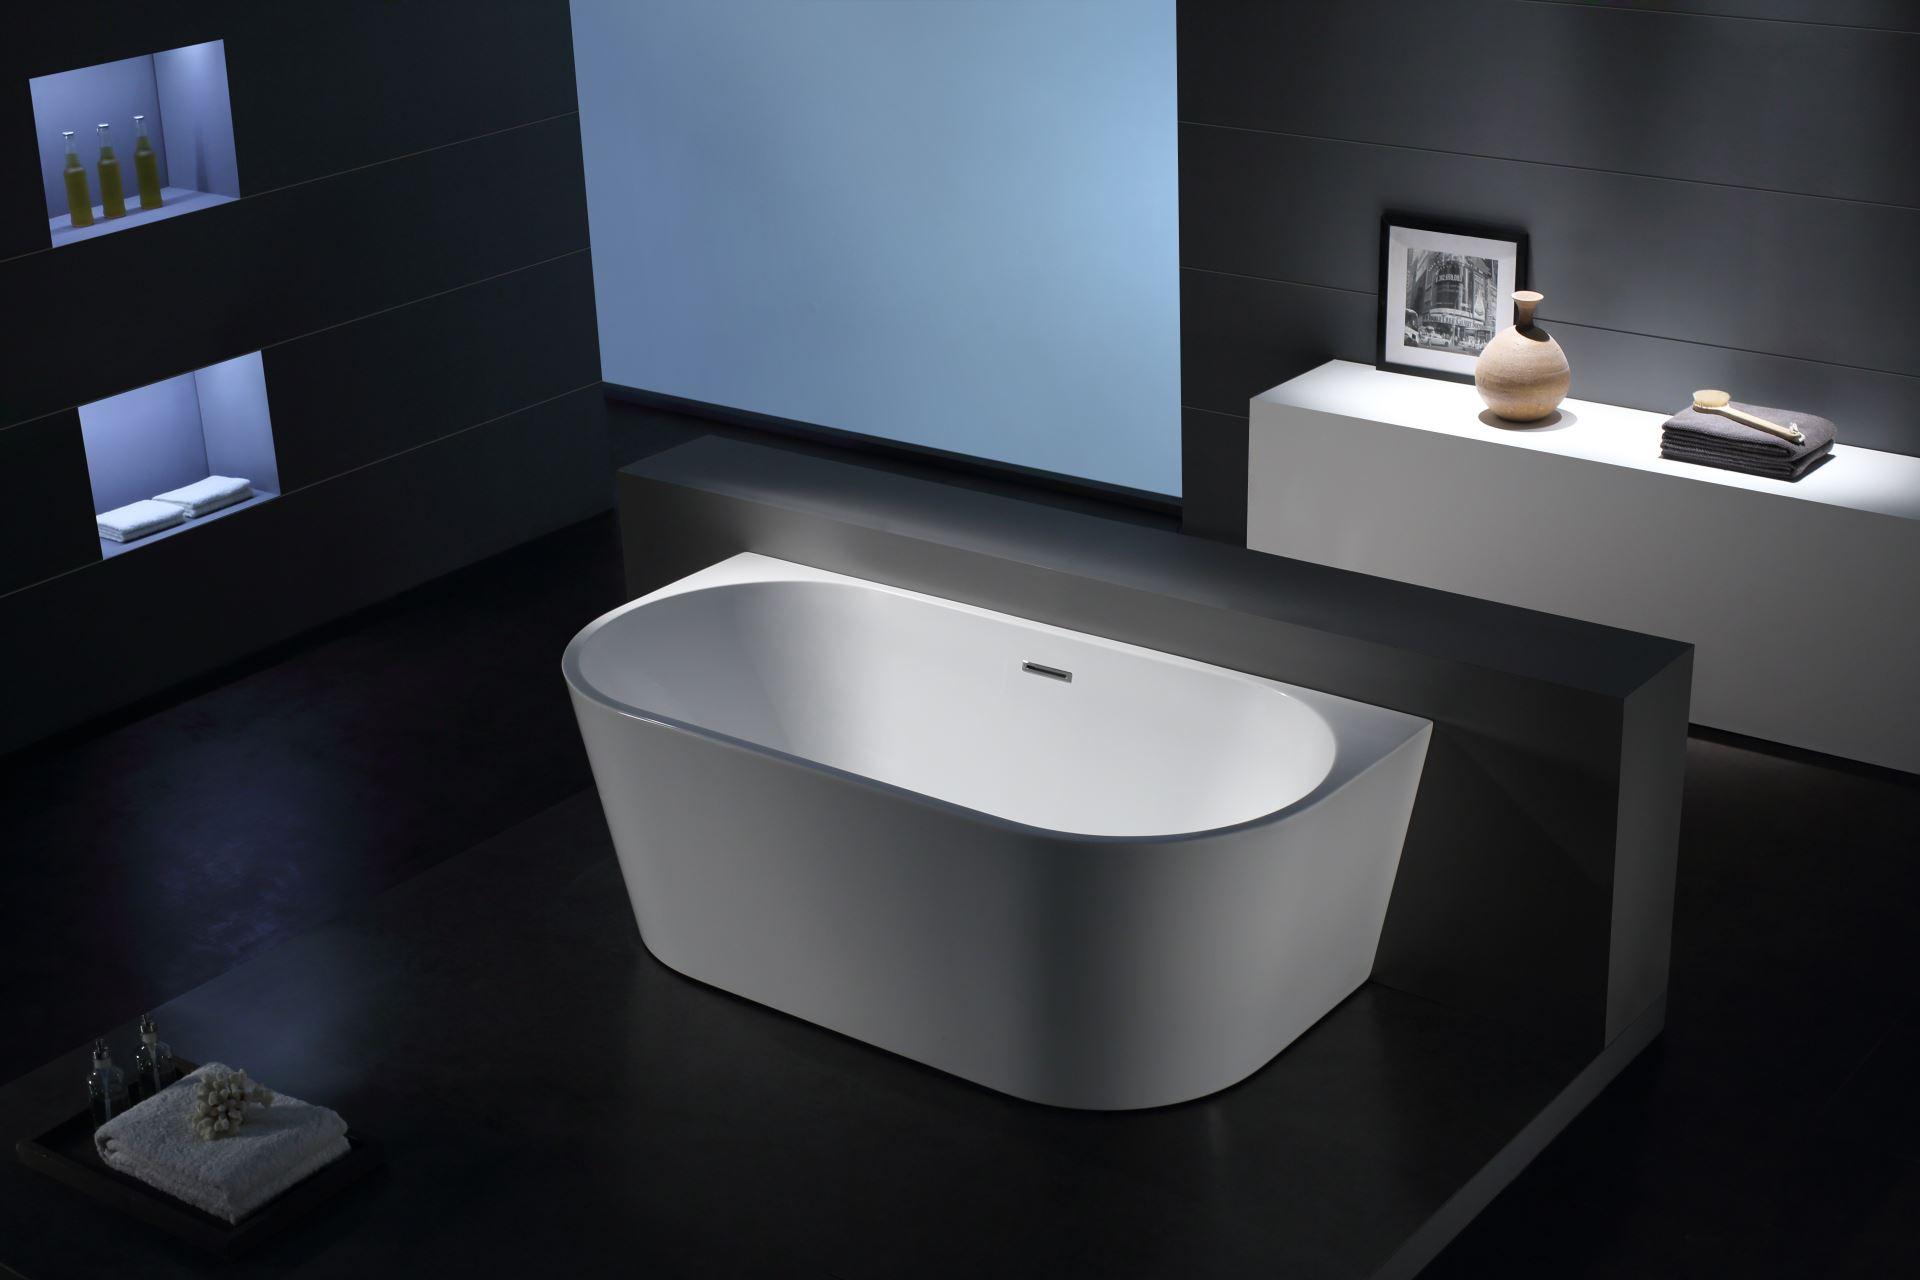 Bubbles co d badkamerspecialist - Kleine badkamer met douche al italiaanse ...